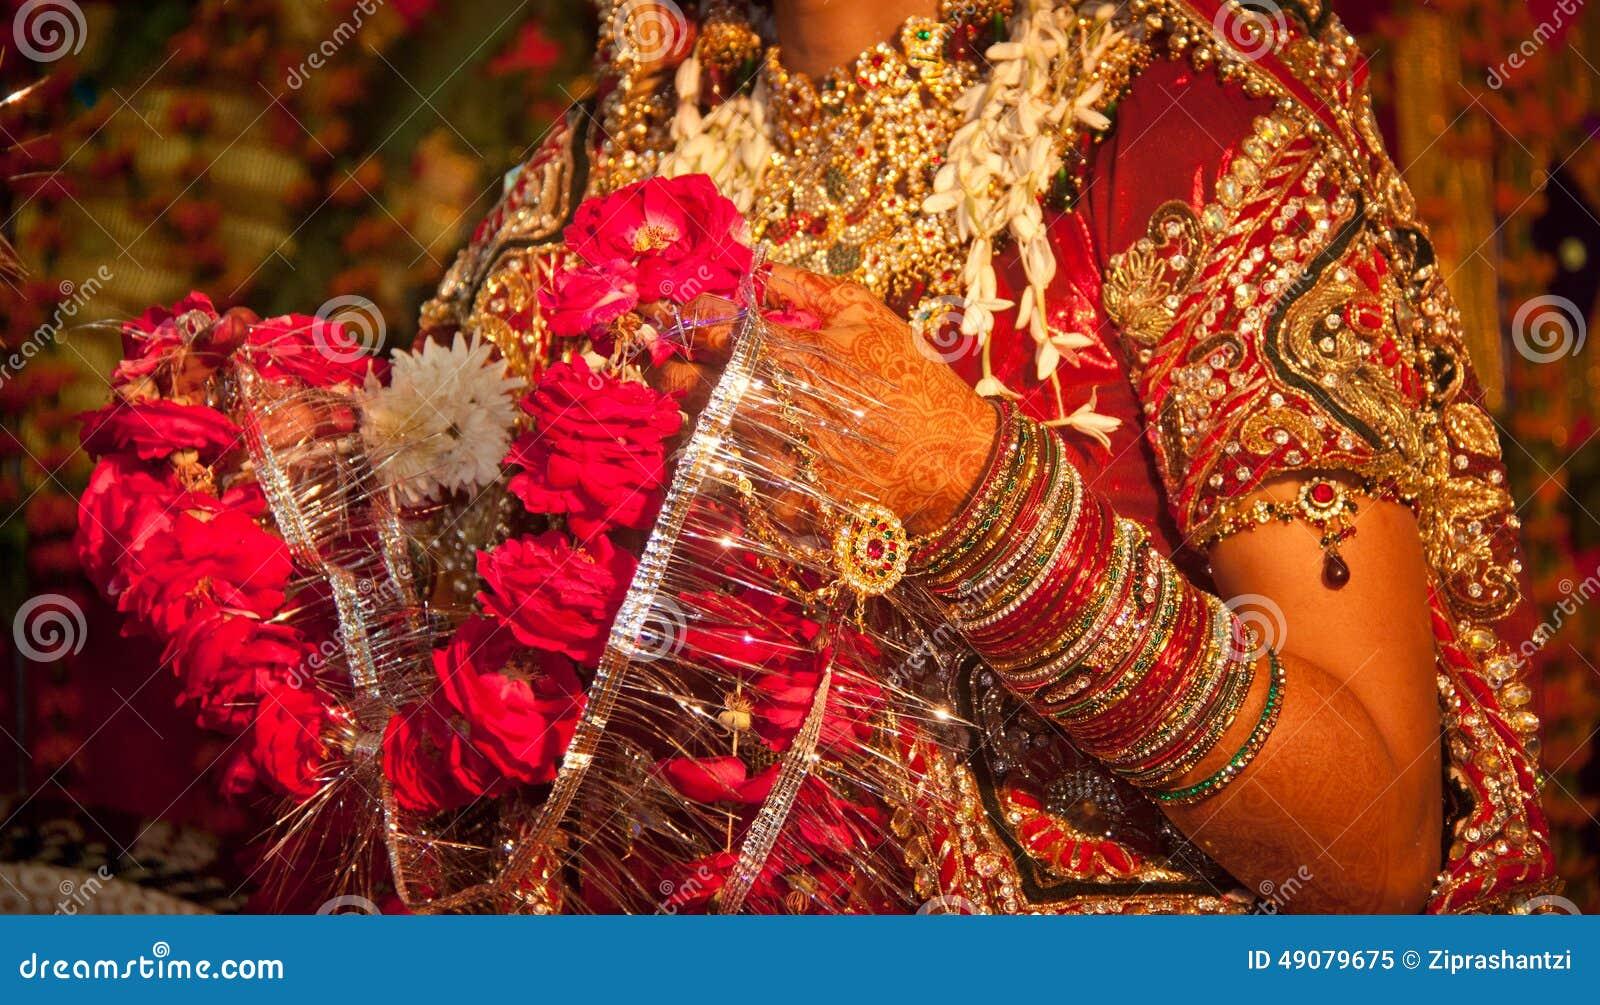 Hindu Wedding Ritual In India Stock Image - Image of